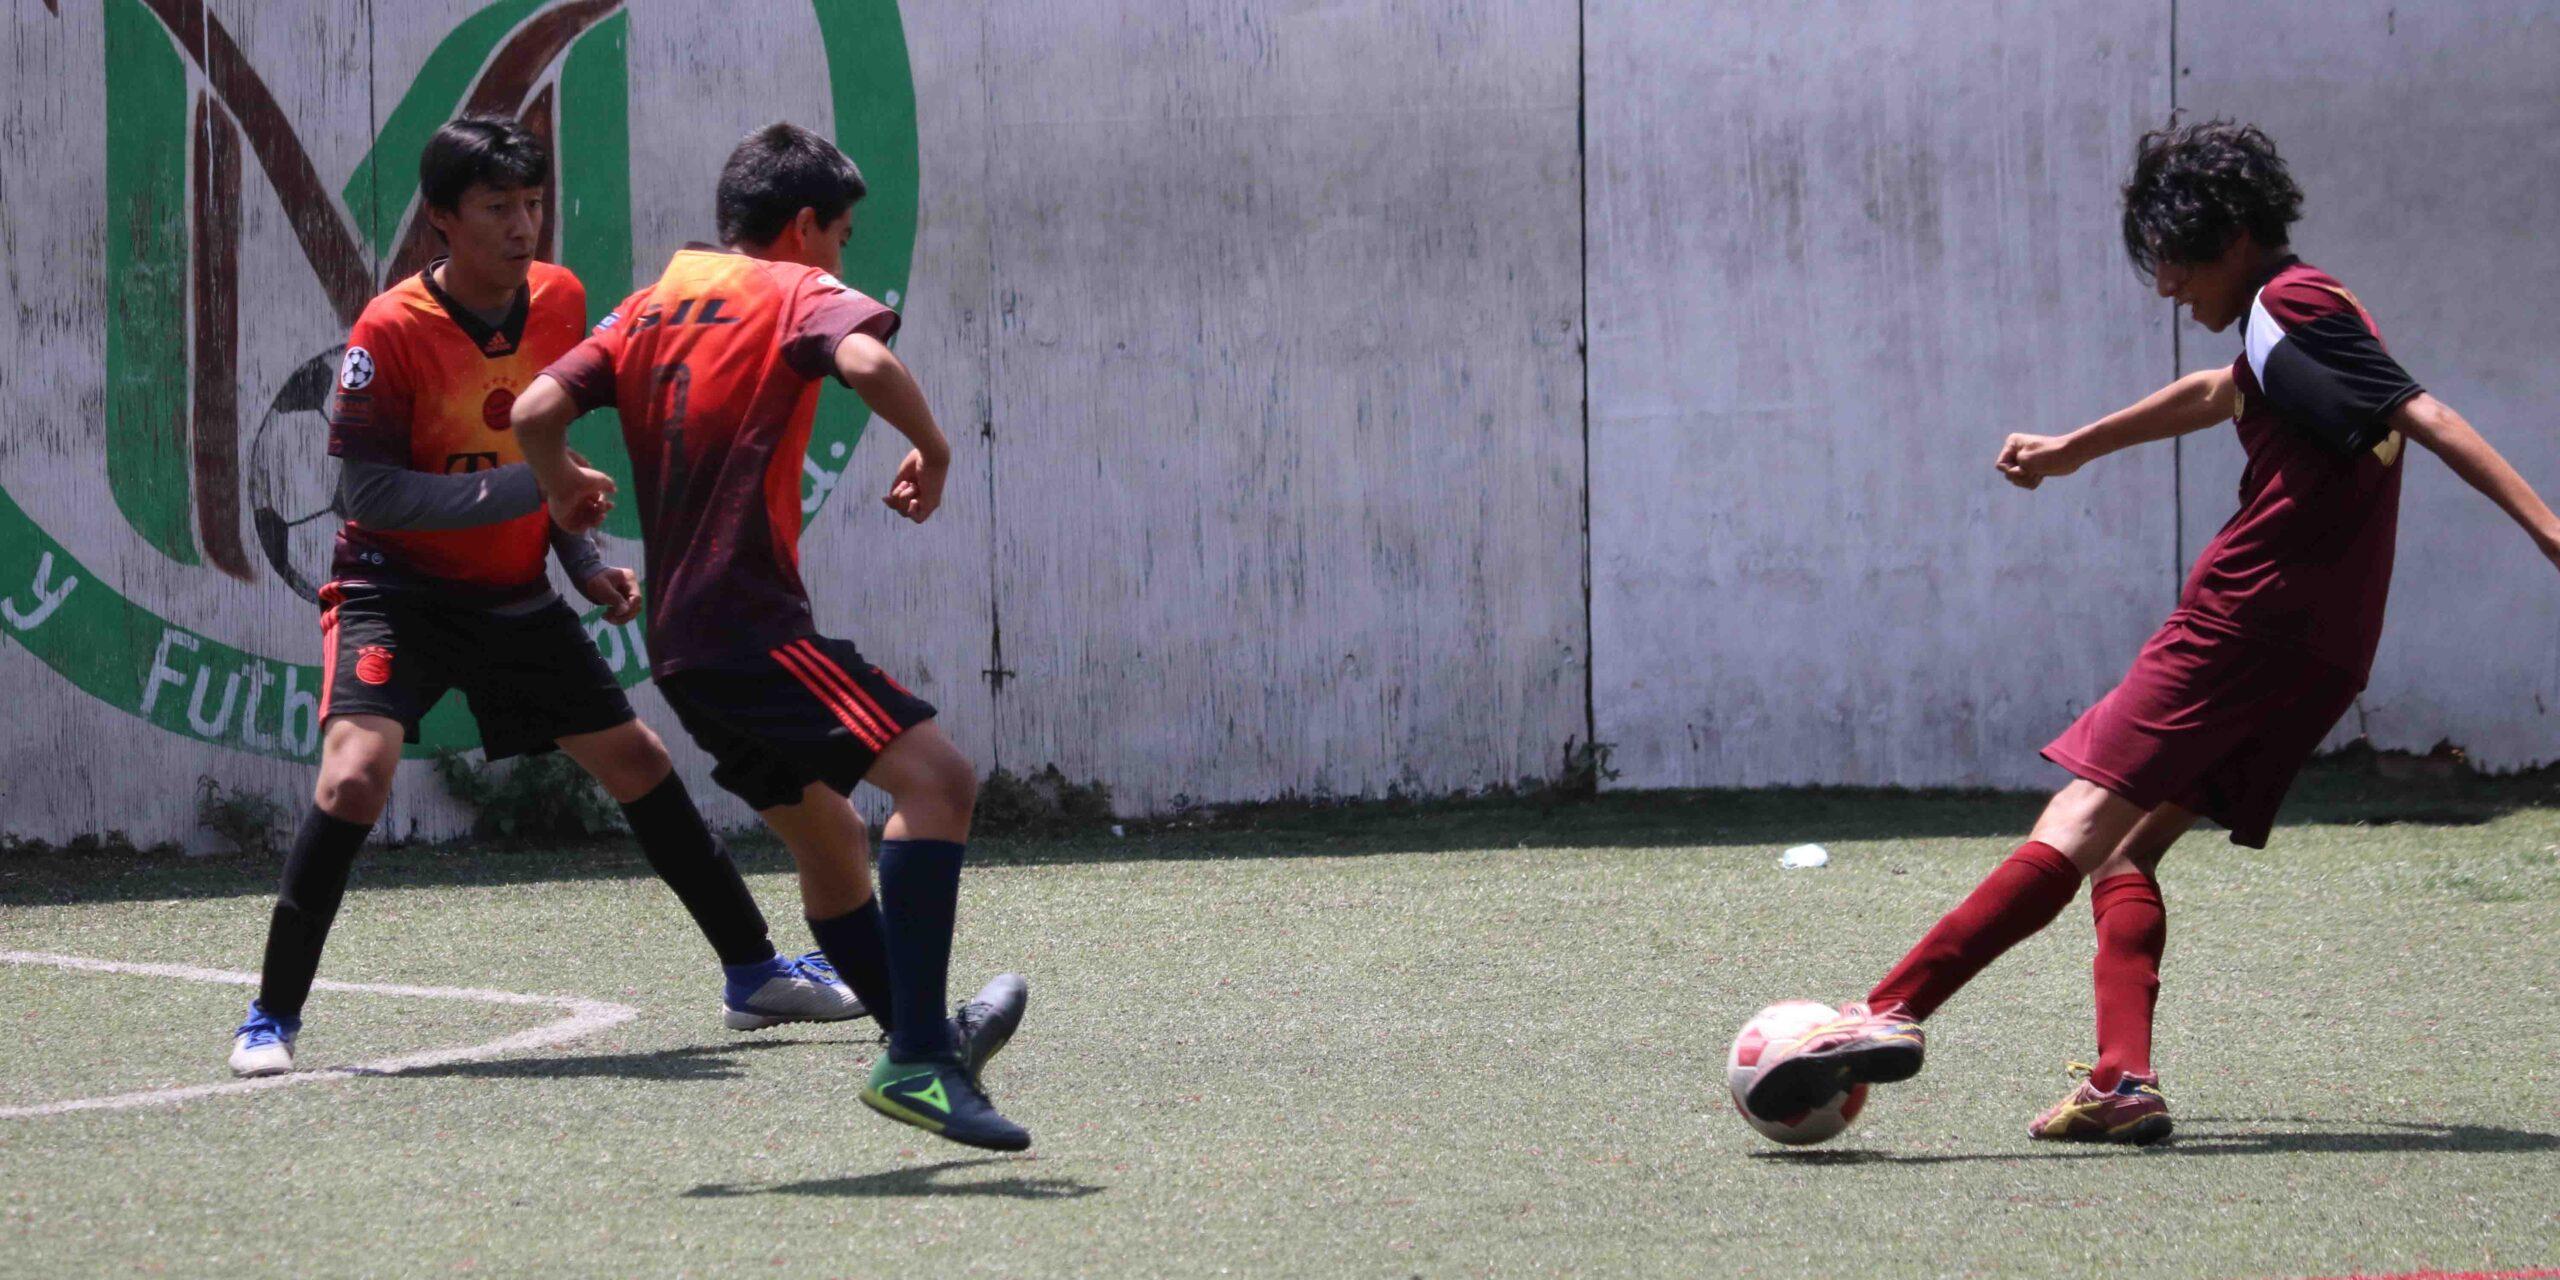 California, Aguilitas y Wolverhampton a semifinales en la liga Galaxia   El Imparcial de Oaxaca